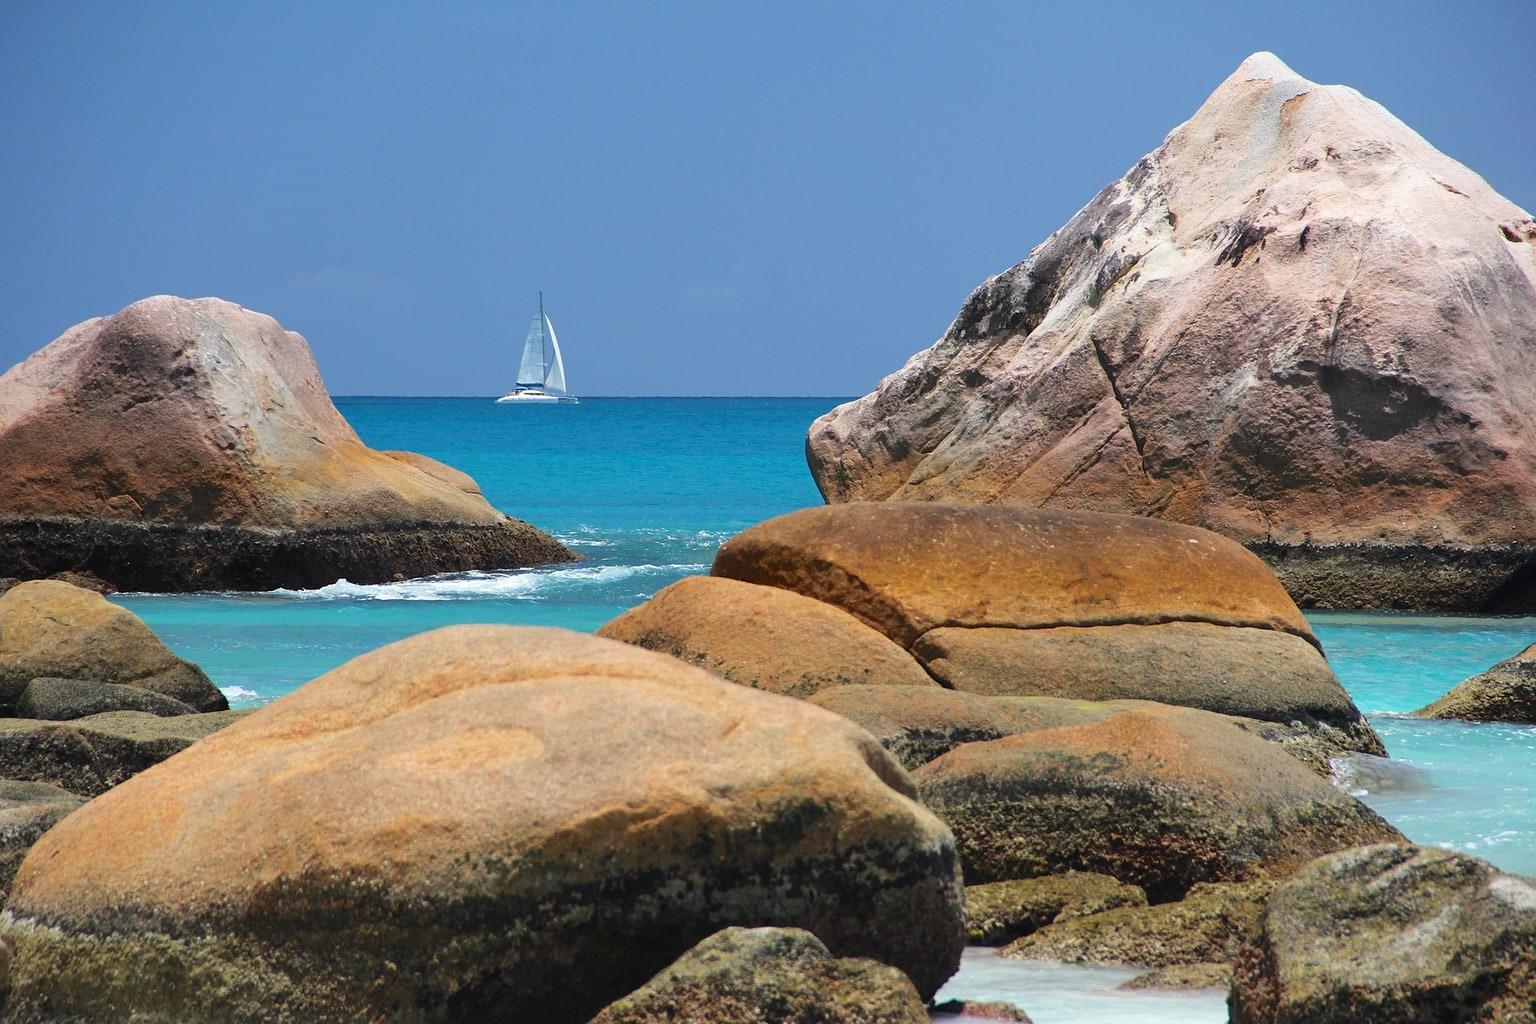 fotografía de rocas y un barco en el mar